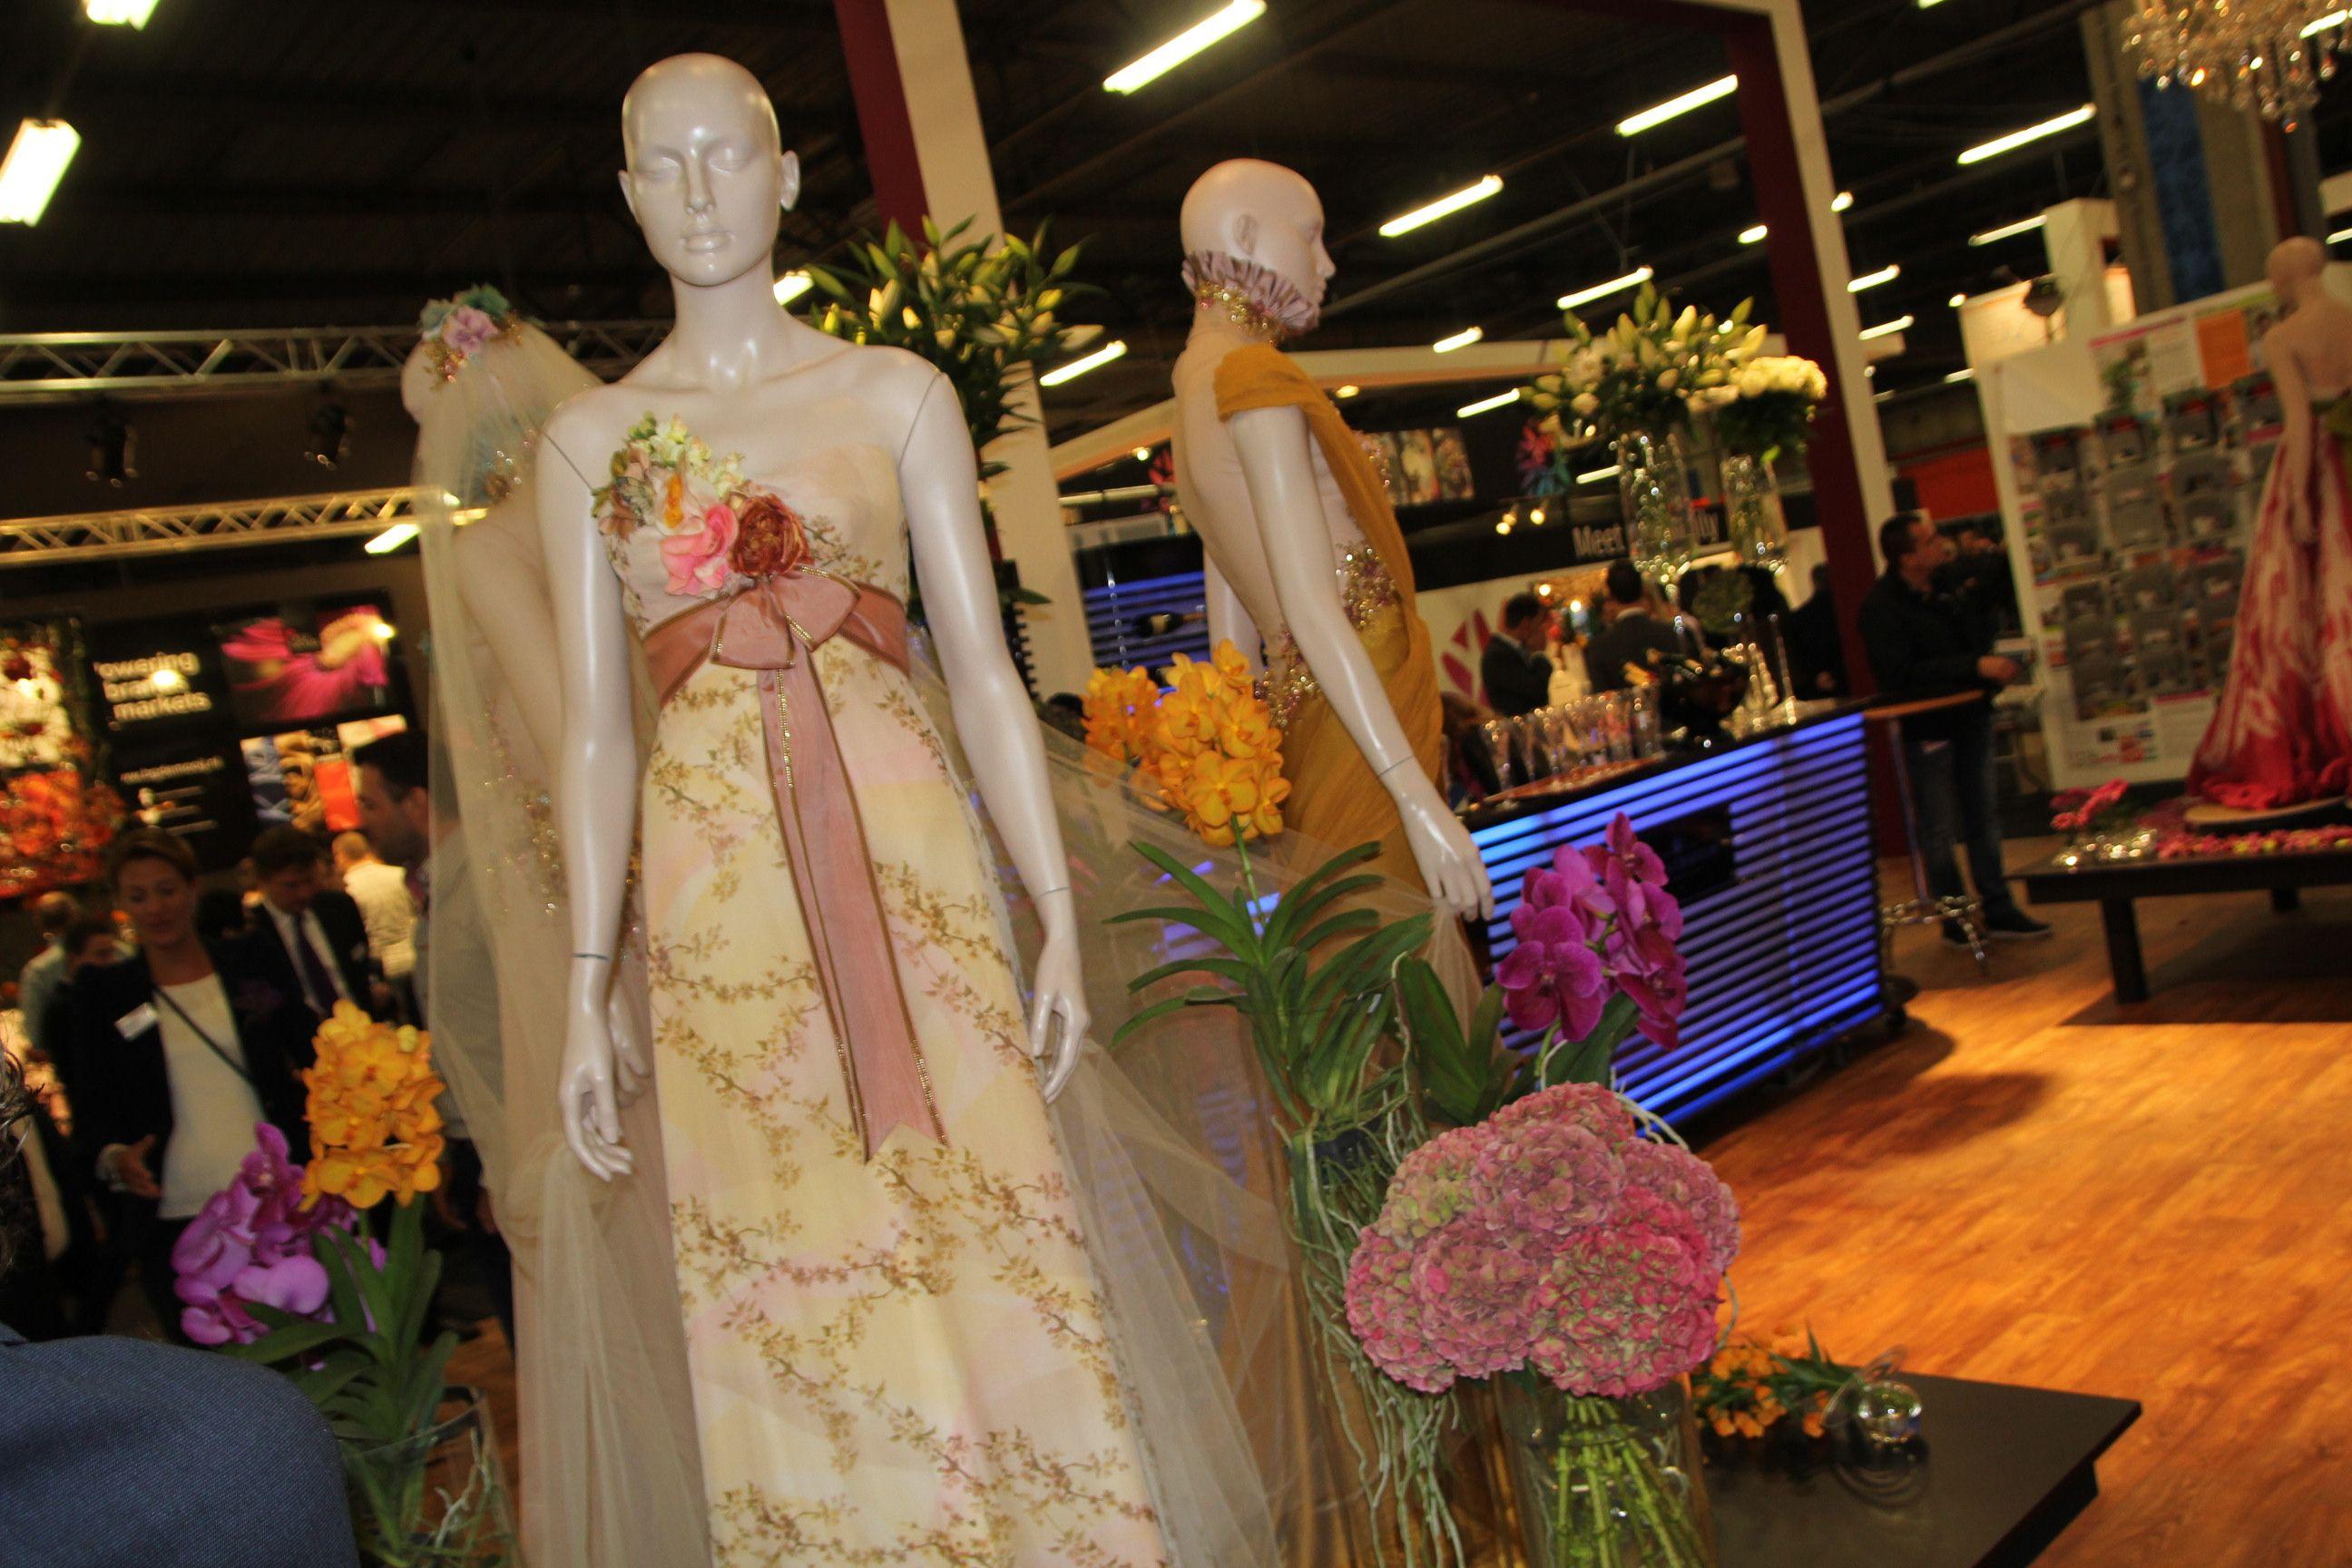 Trade fair. #mode #decoratie #village bloemen en mode pinterest